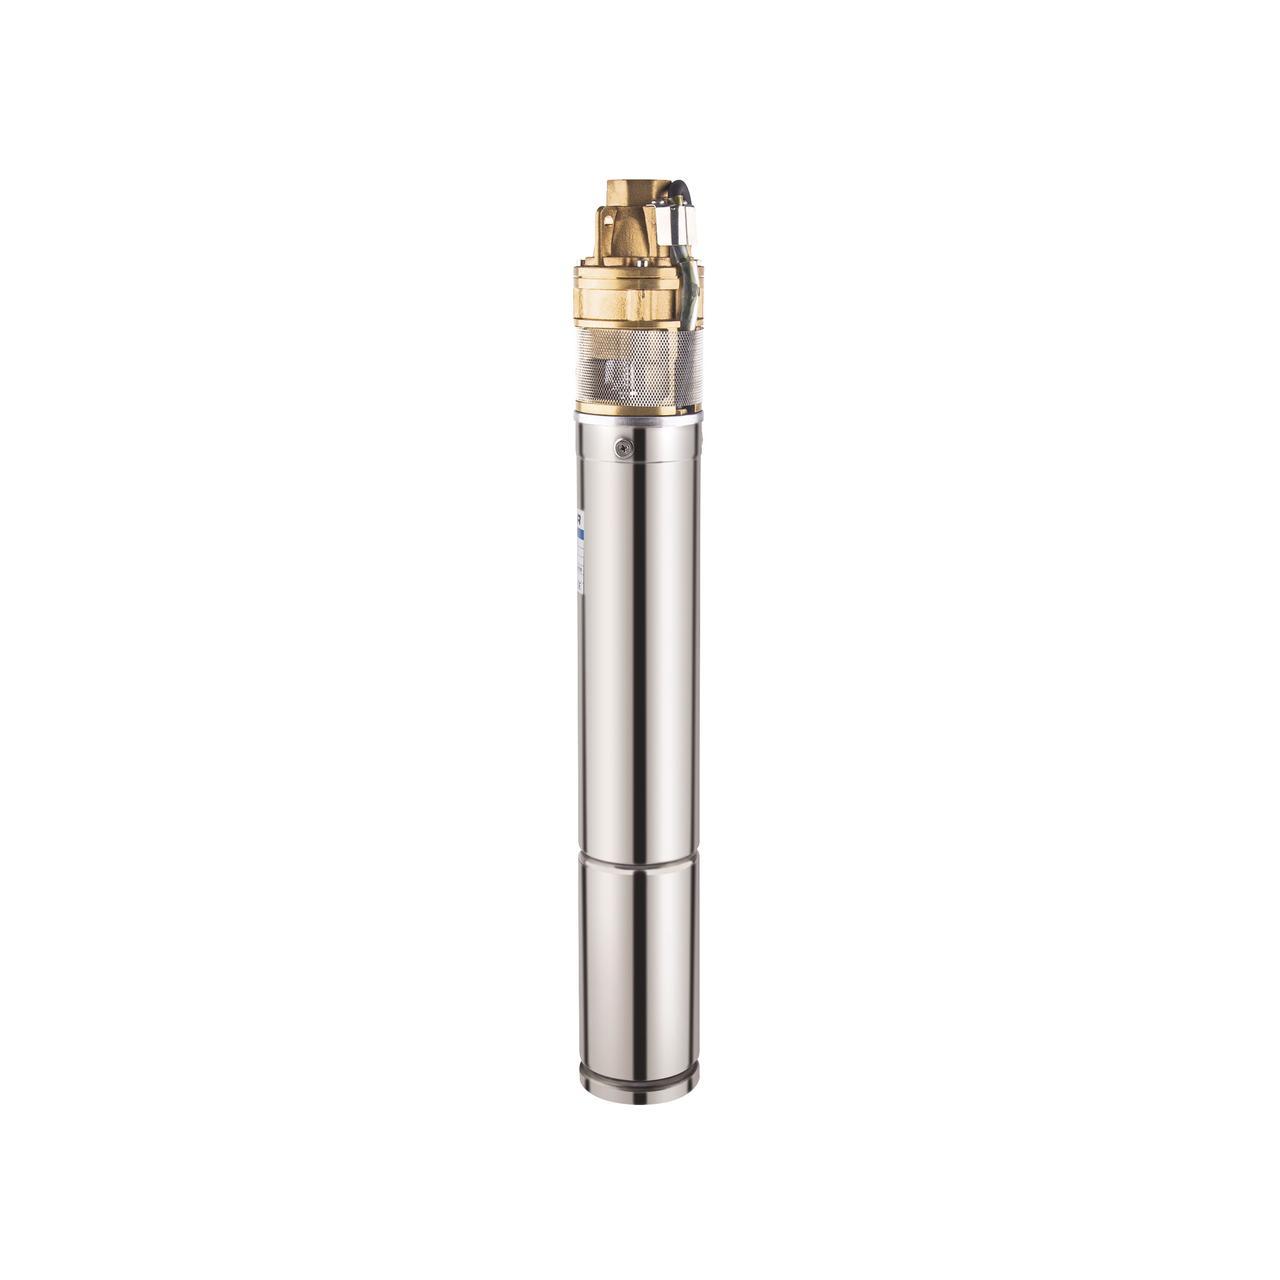 Насос погружной вихревой Womar 3SKM-100 0,75 кВт